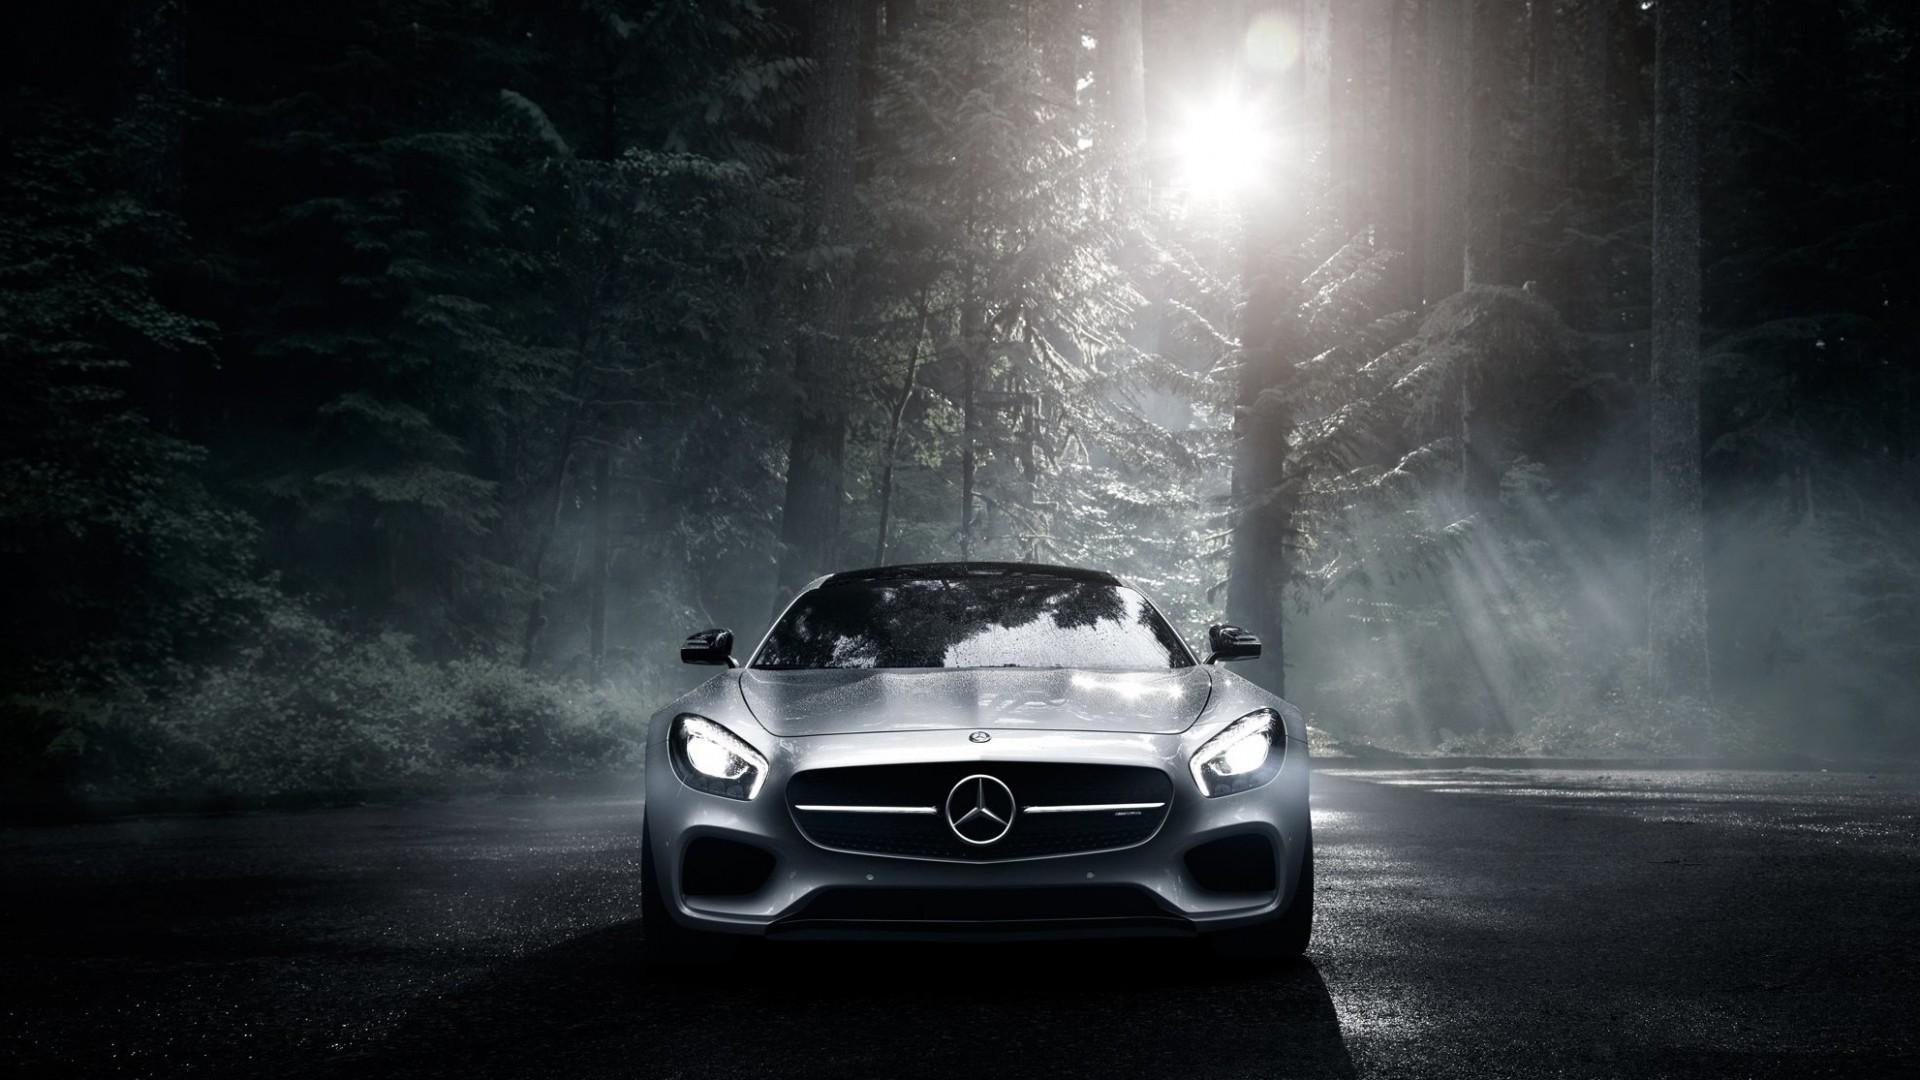 … Car Wallpaper Hd 1080p …